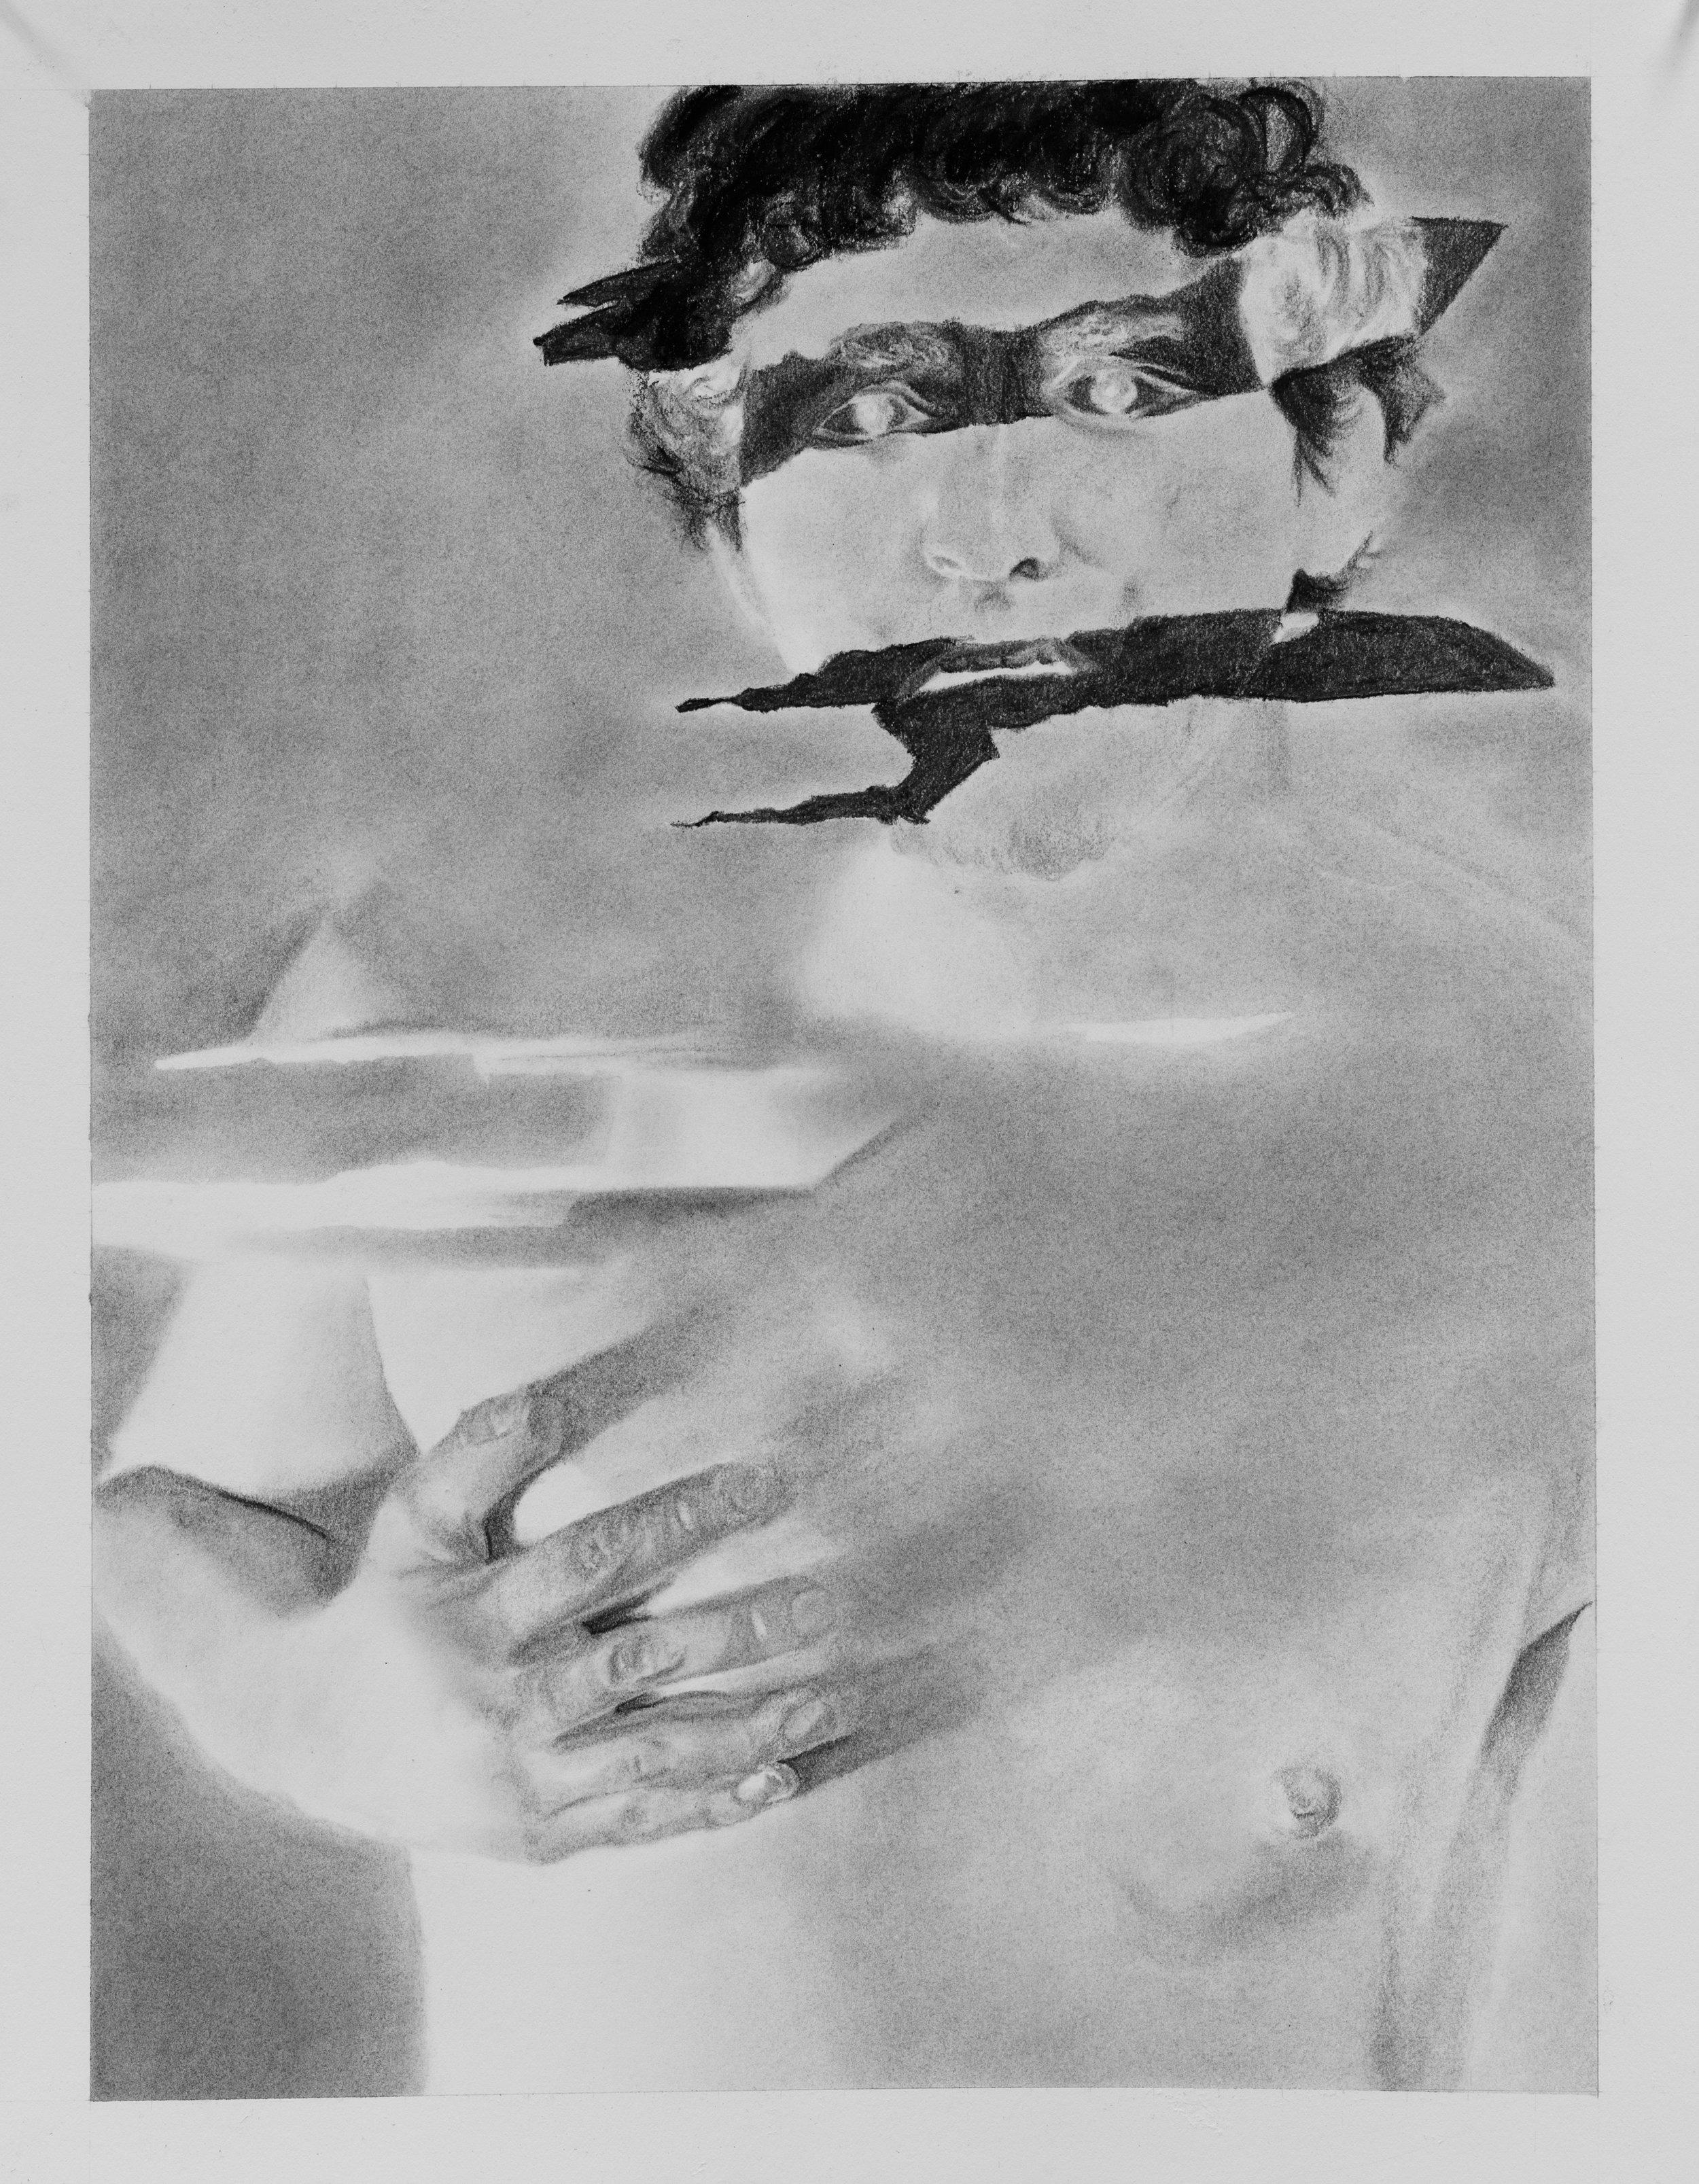 kc 4 Negative Self Portrait 12 x 16 in Charcoal on paper.jpg